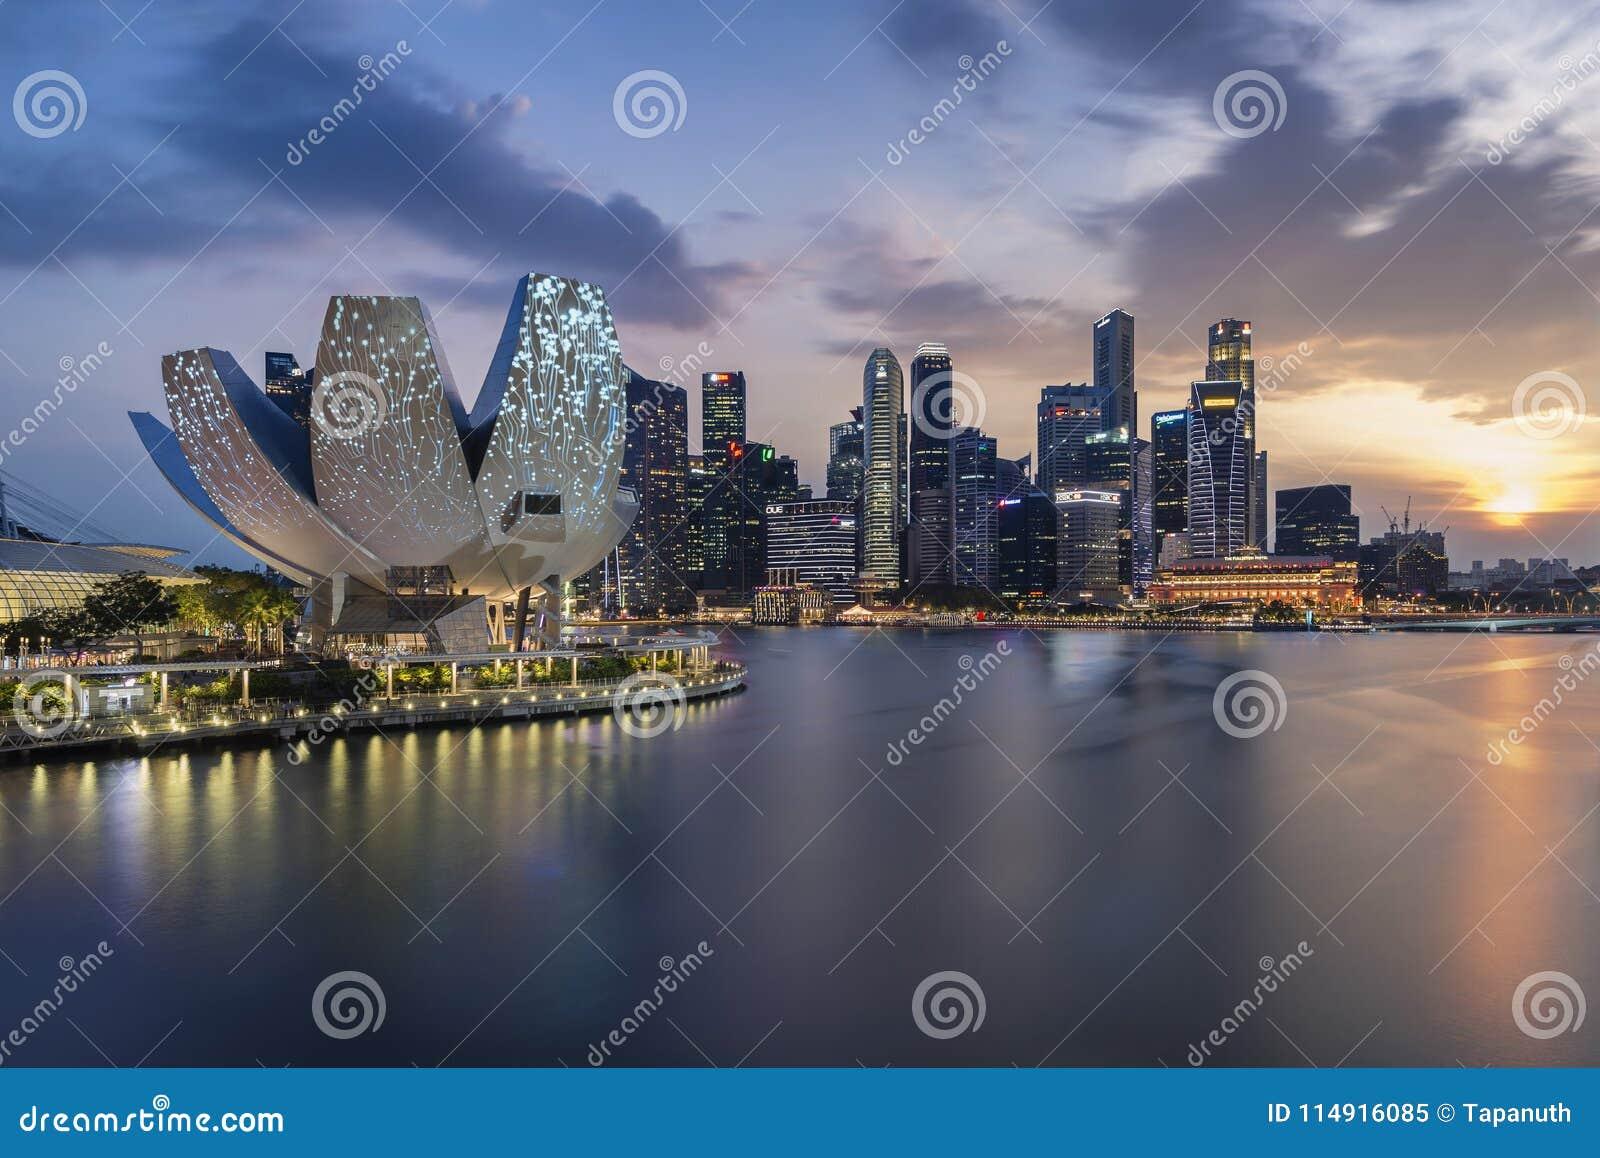 Singapur, Singapur - 17. März 2018: Skyline von Singapur mit Sonnenuntergang und Stadt beleuchten